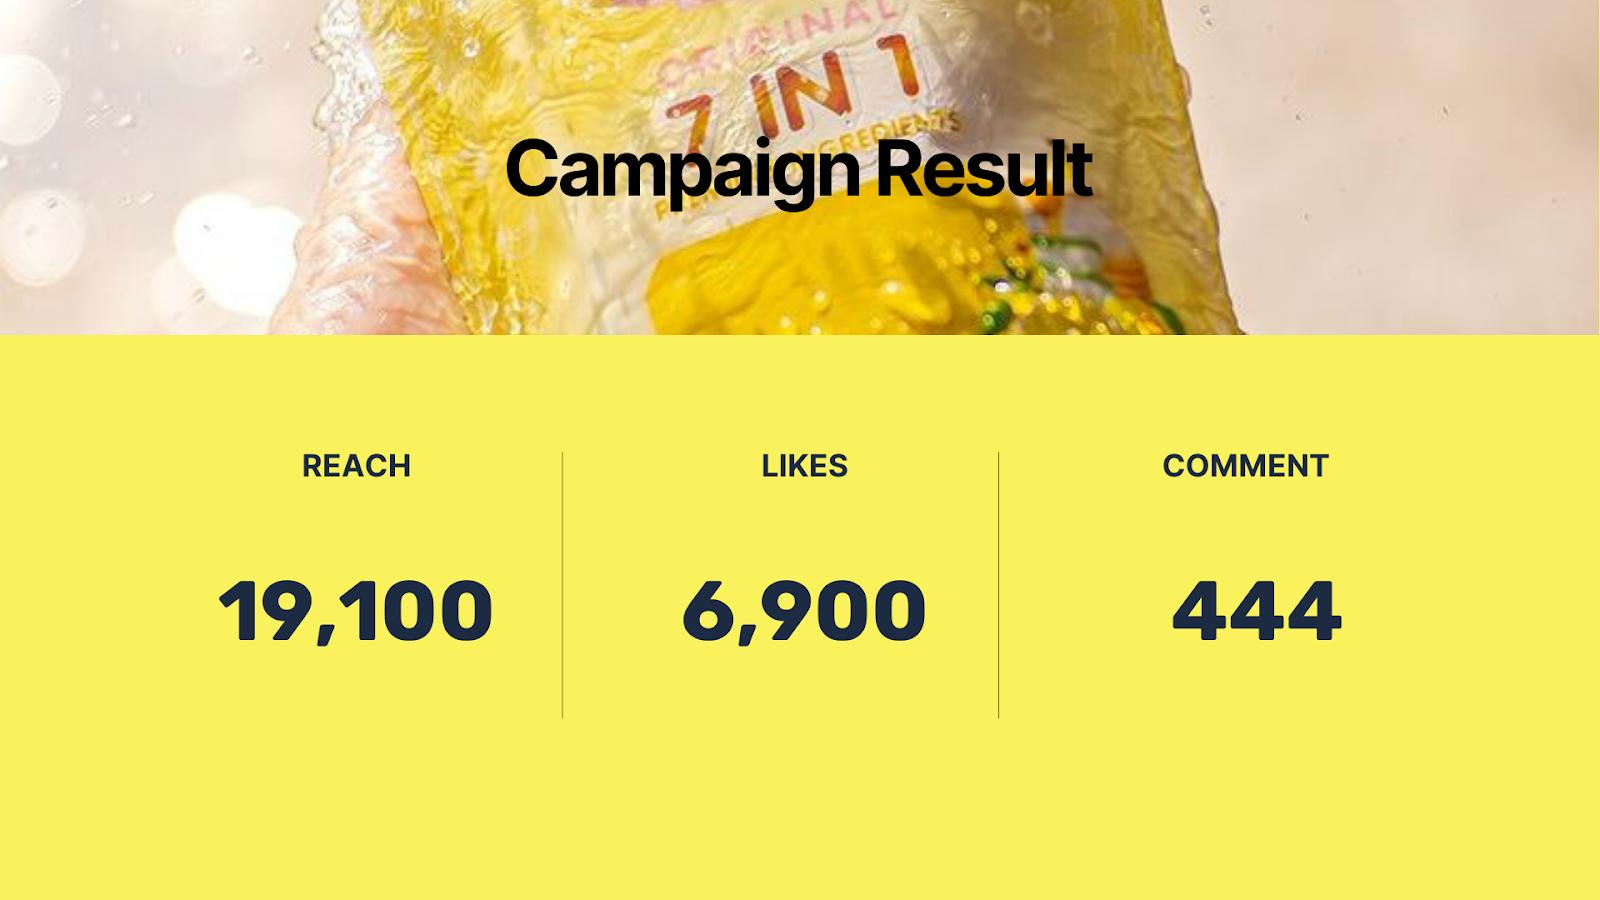 Influencer Marketing Campaign Result by LEMON Influencer Platform